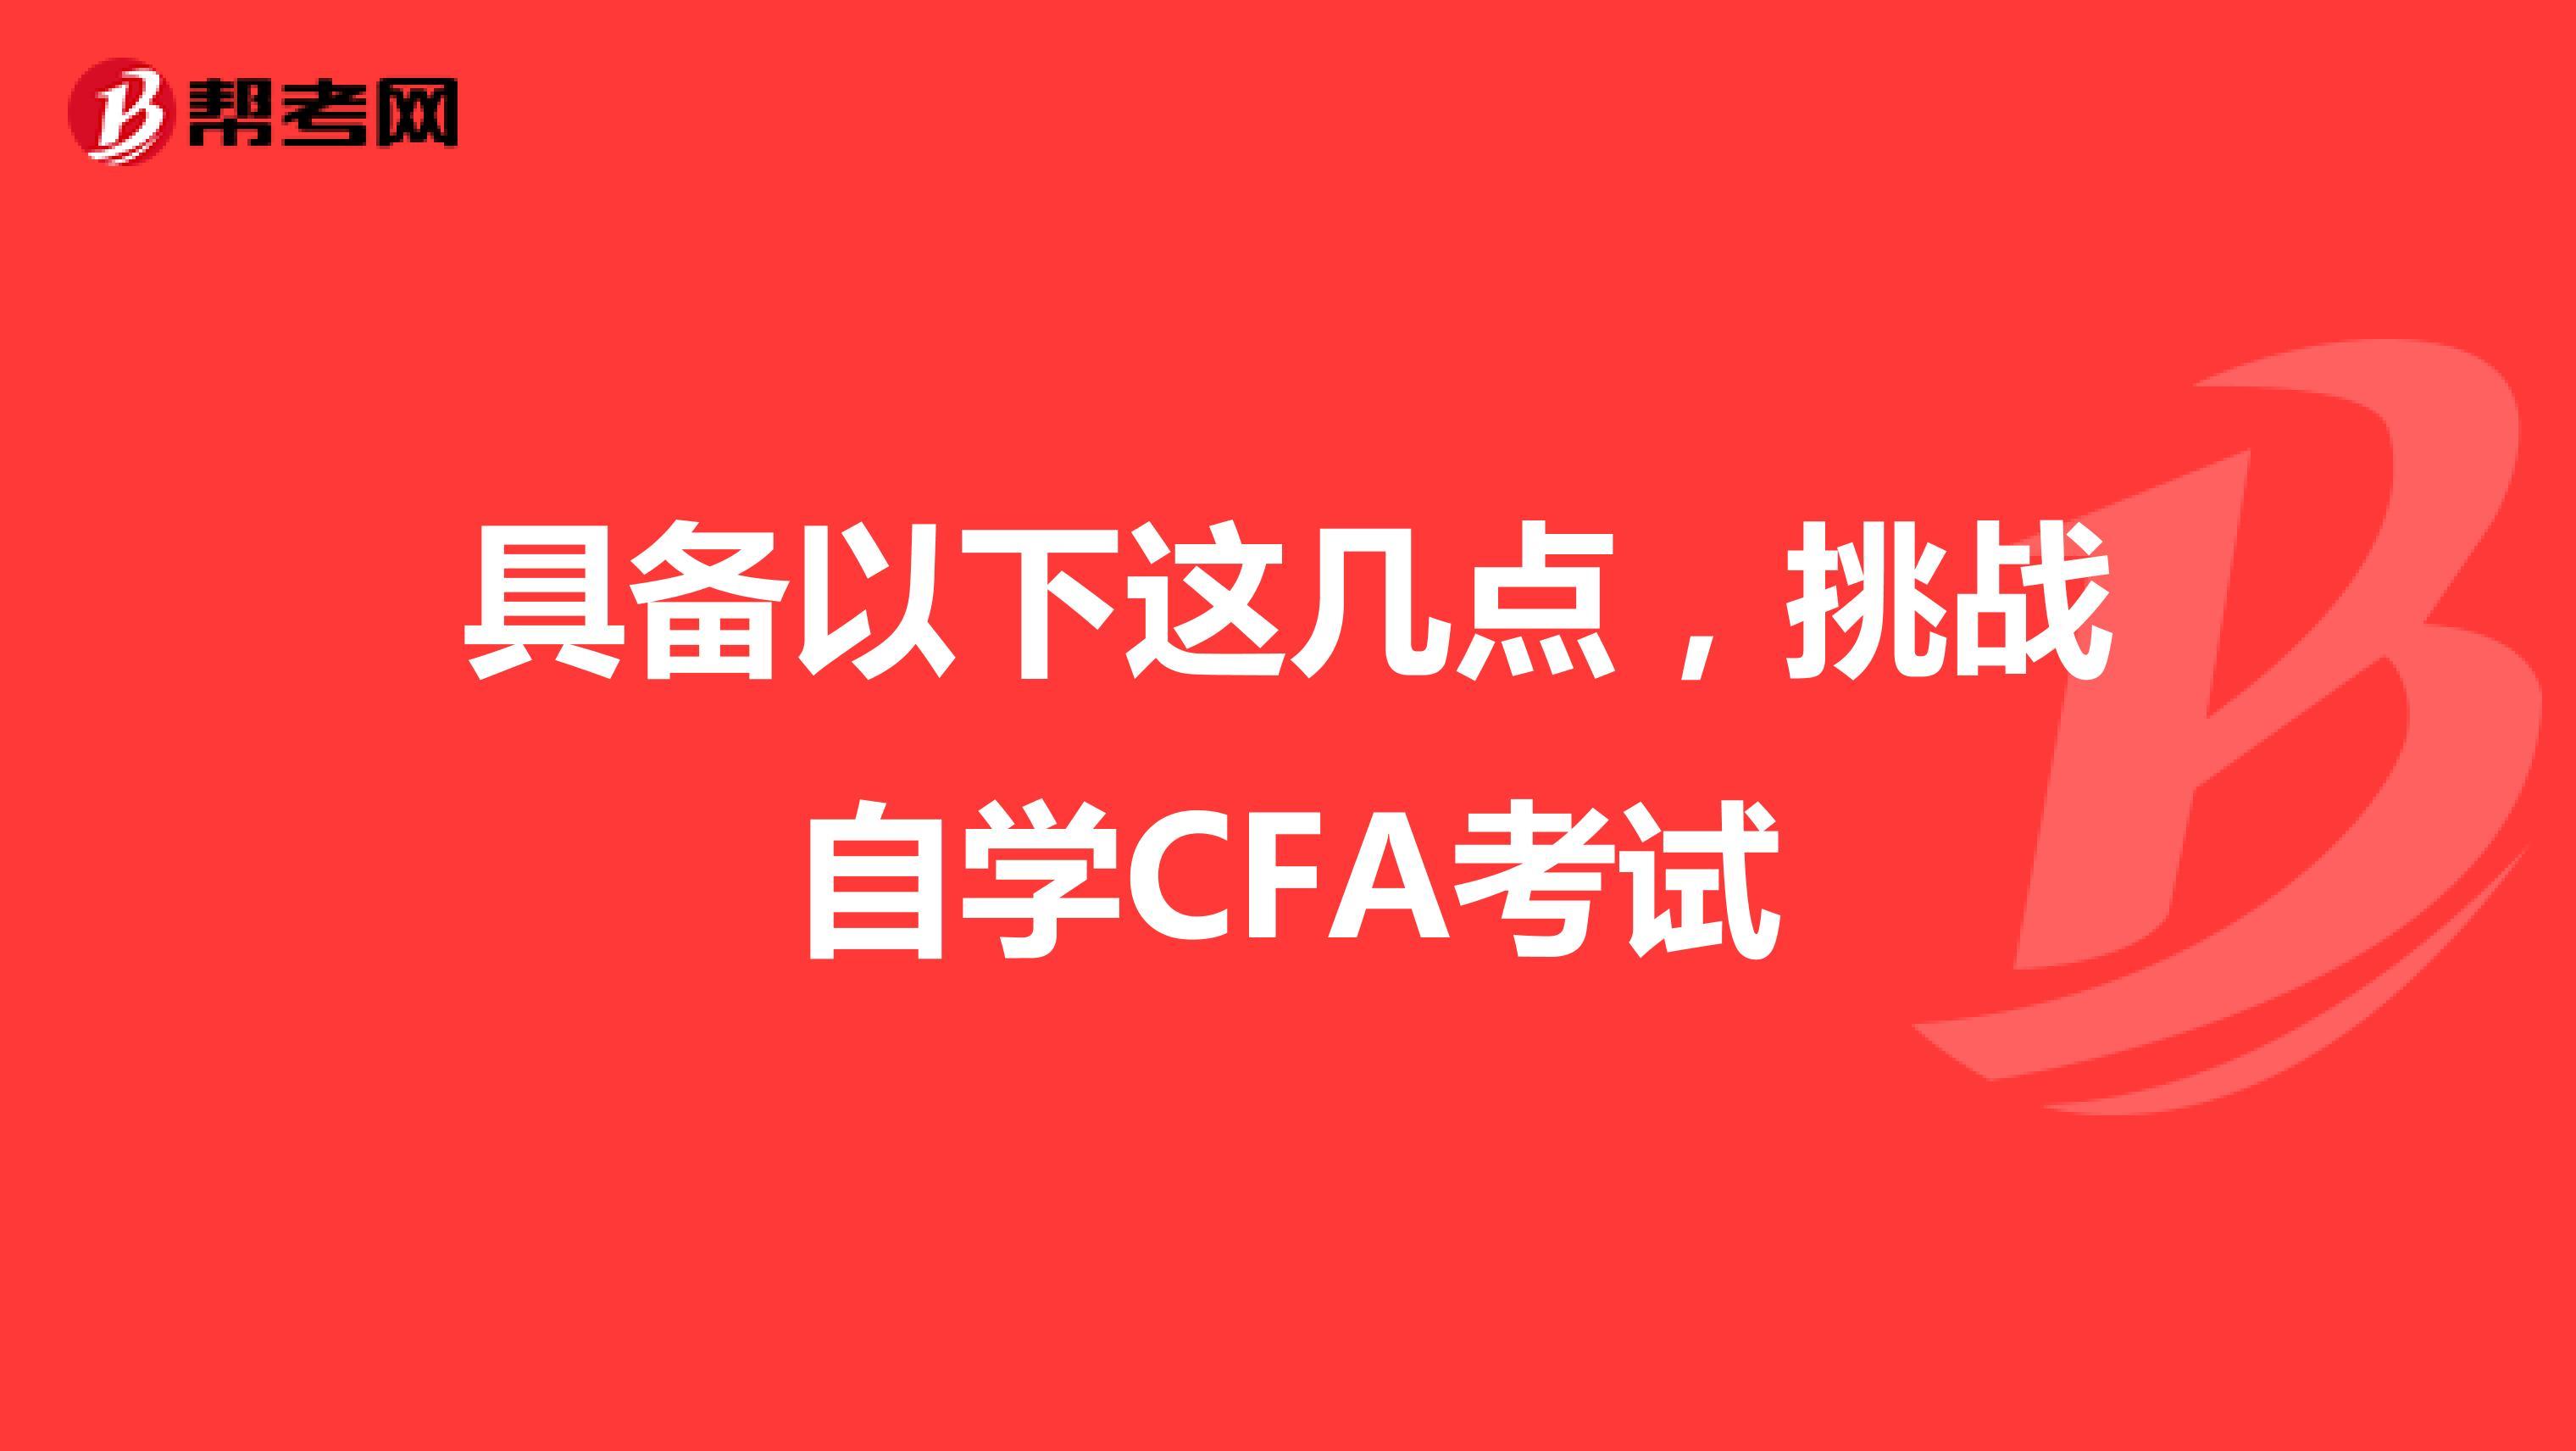 具备以下这几点,挑战自学CFA考试